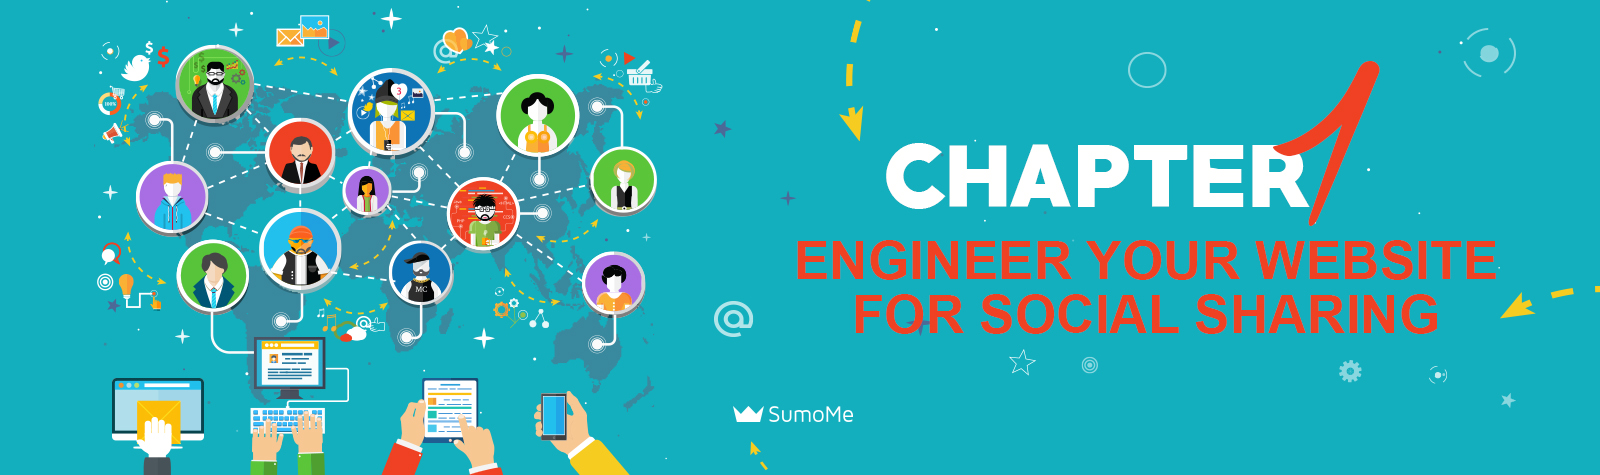 social sharing chapter 1